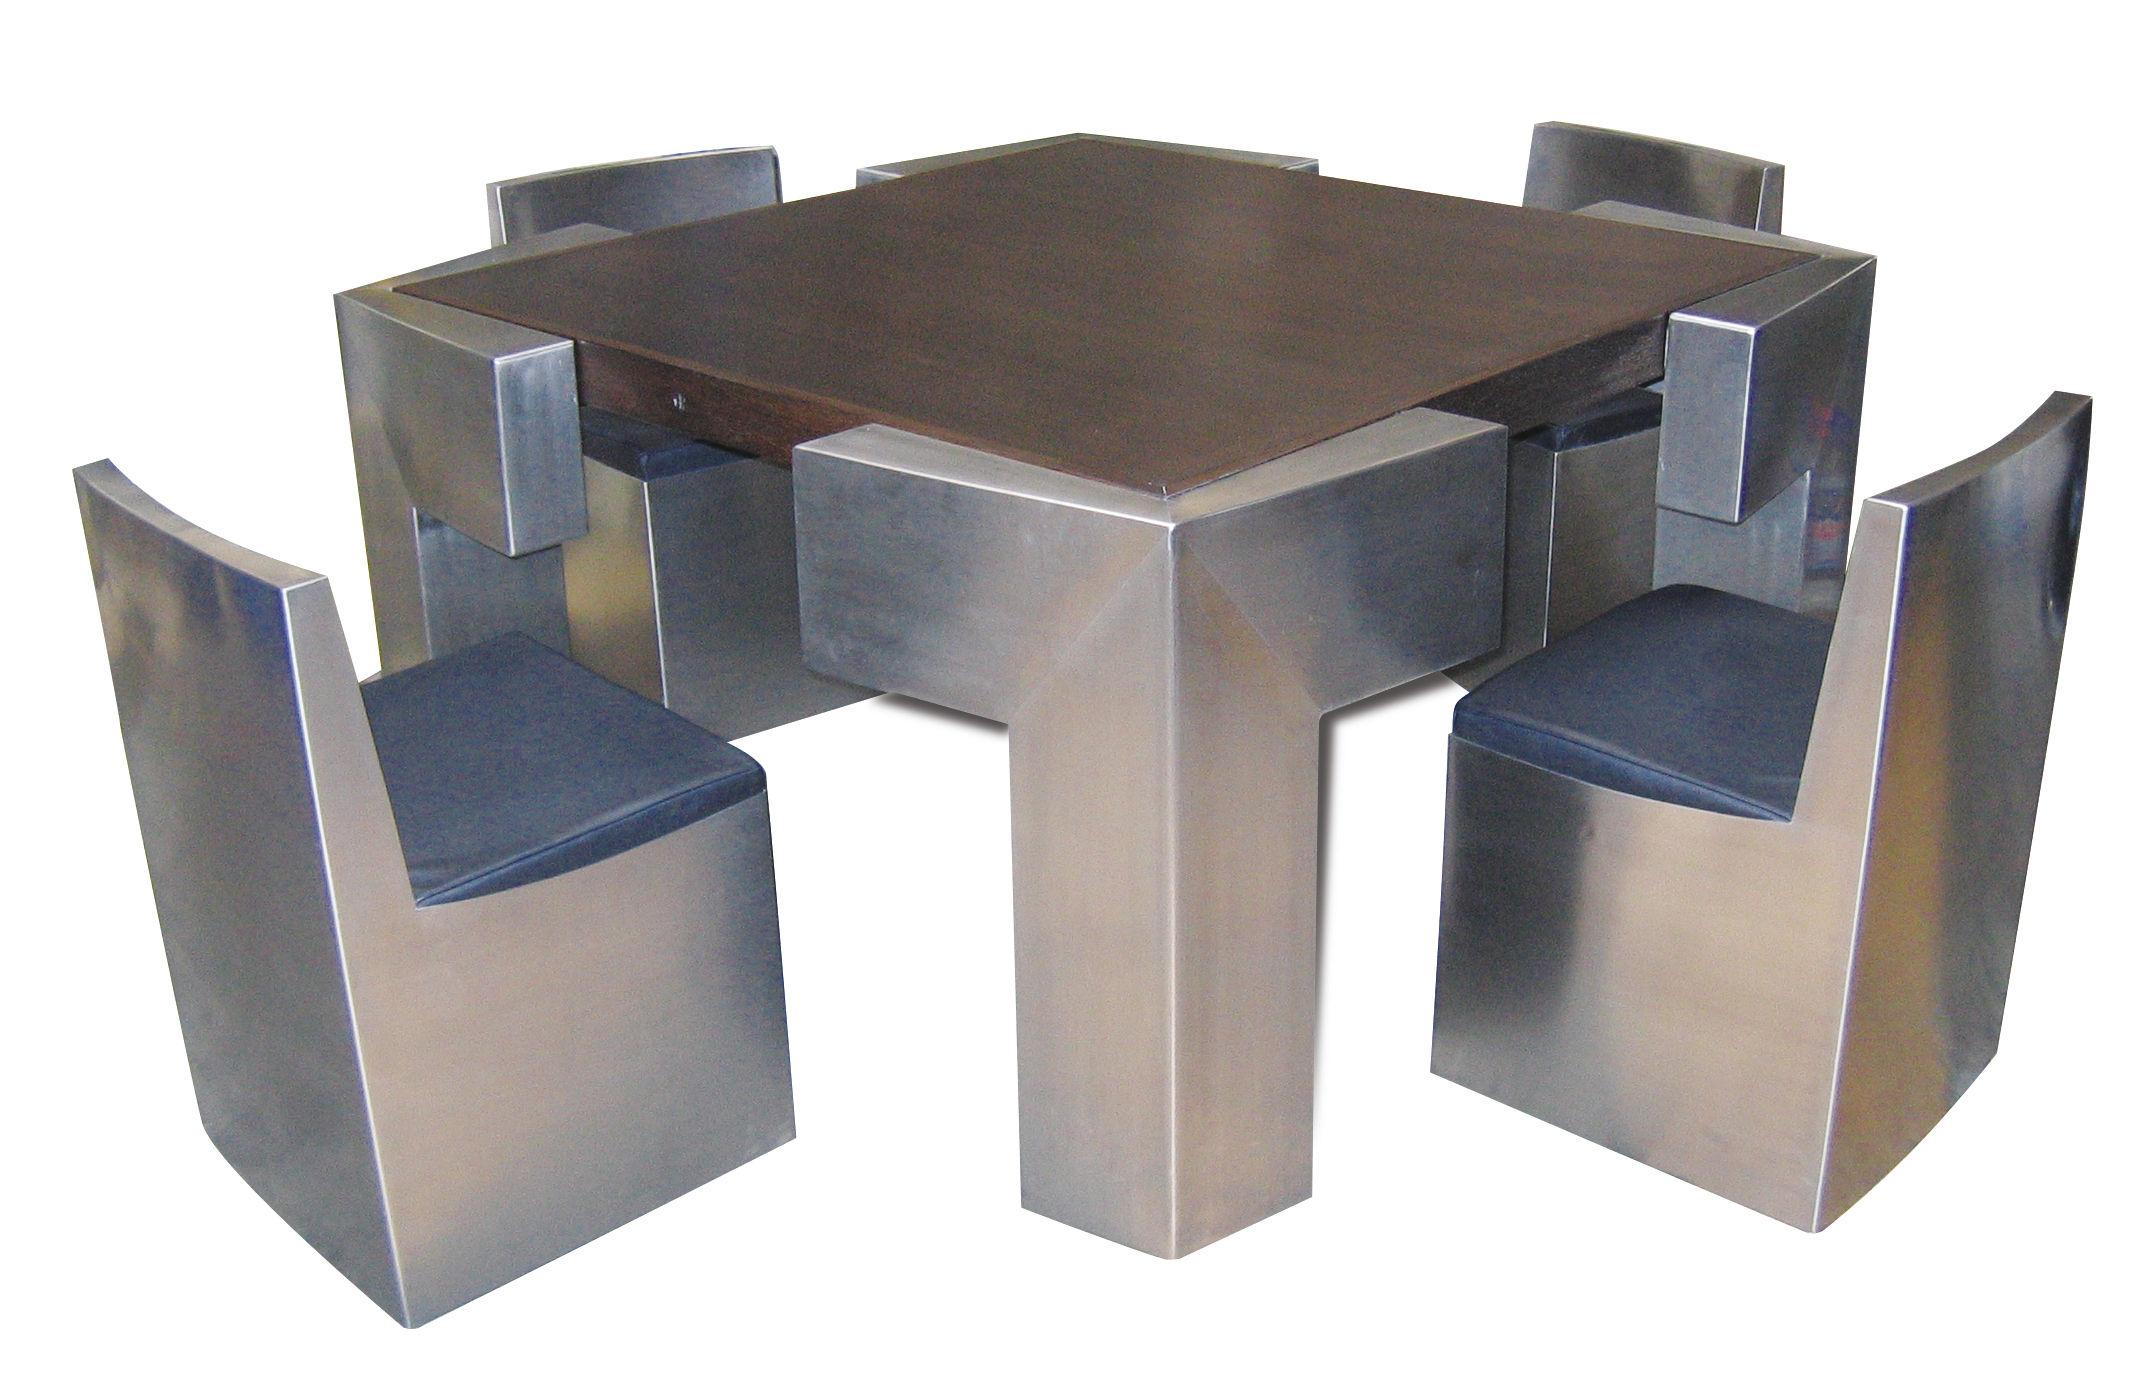 Ensemble Table Et Chaises Design Original En Bois Acier Inoxydable Pour Intrieur